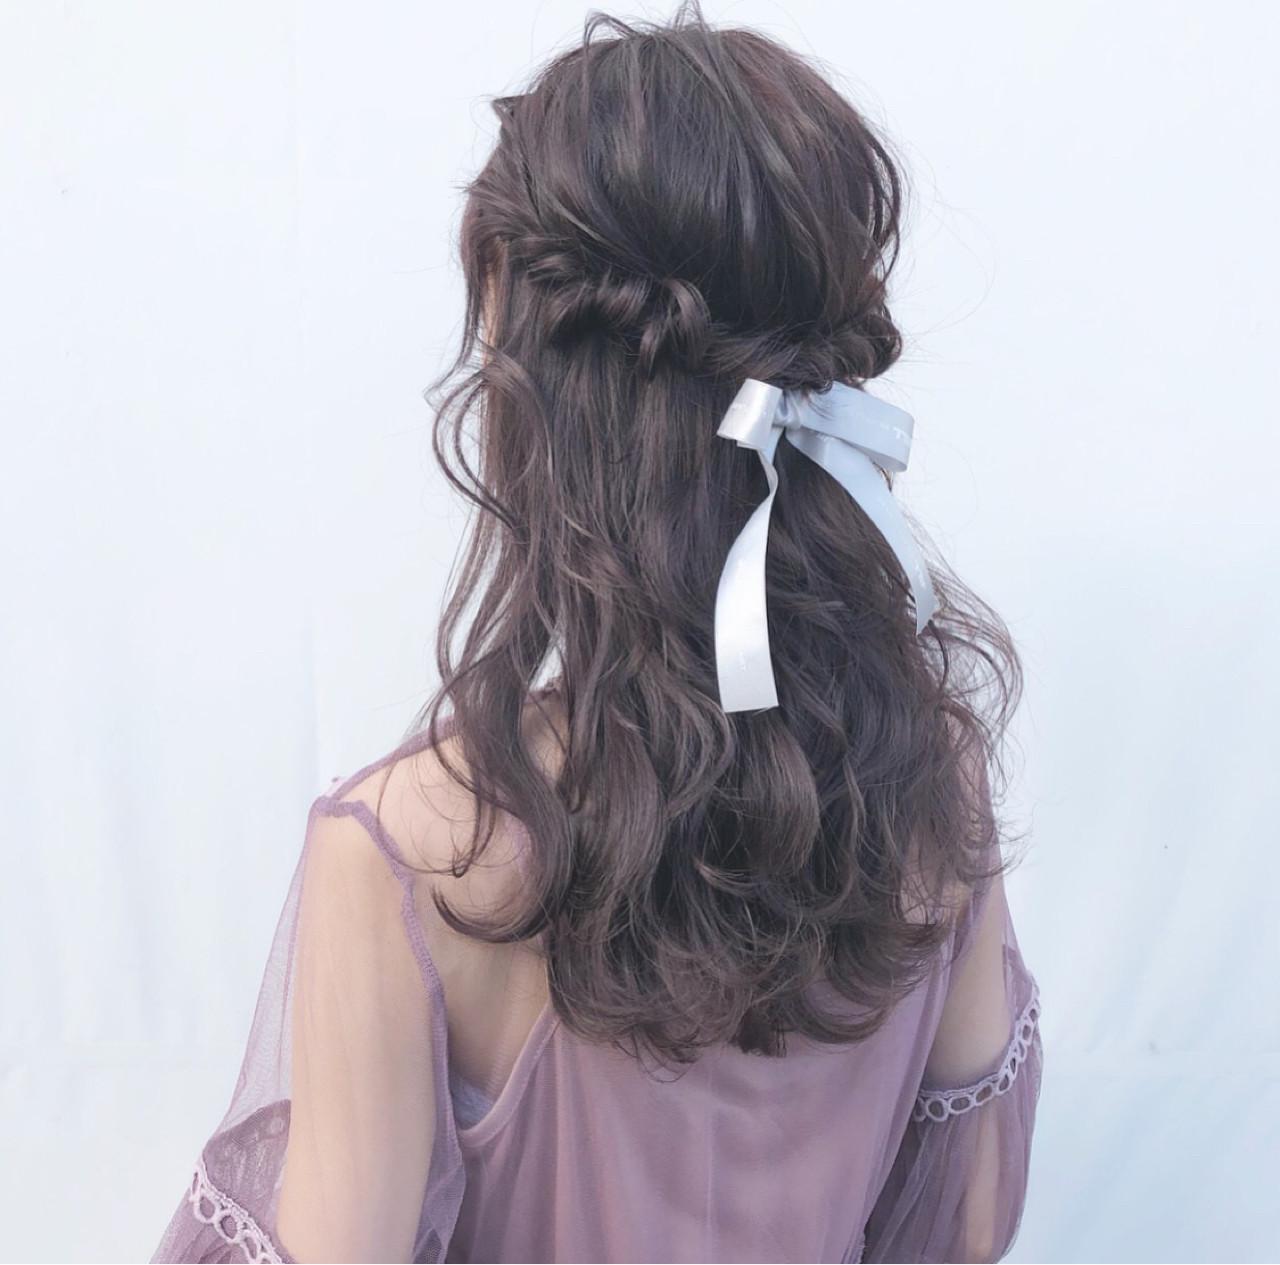 アンニュイほつれヘア ガーリー ハーフアップ 簡単ヘアアレンジ ヘアスタイルや髪型の写真・画像